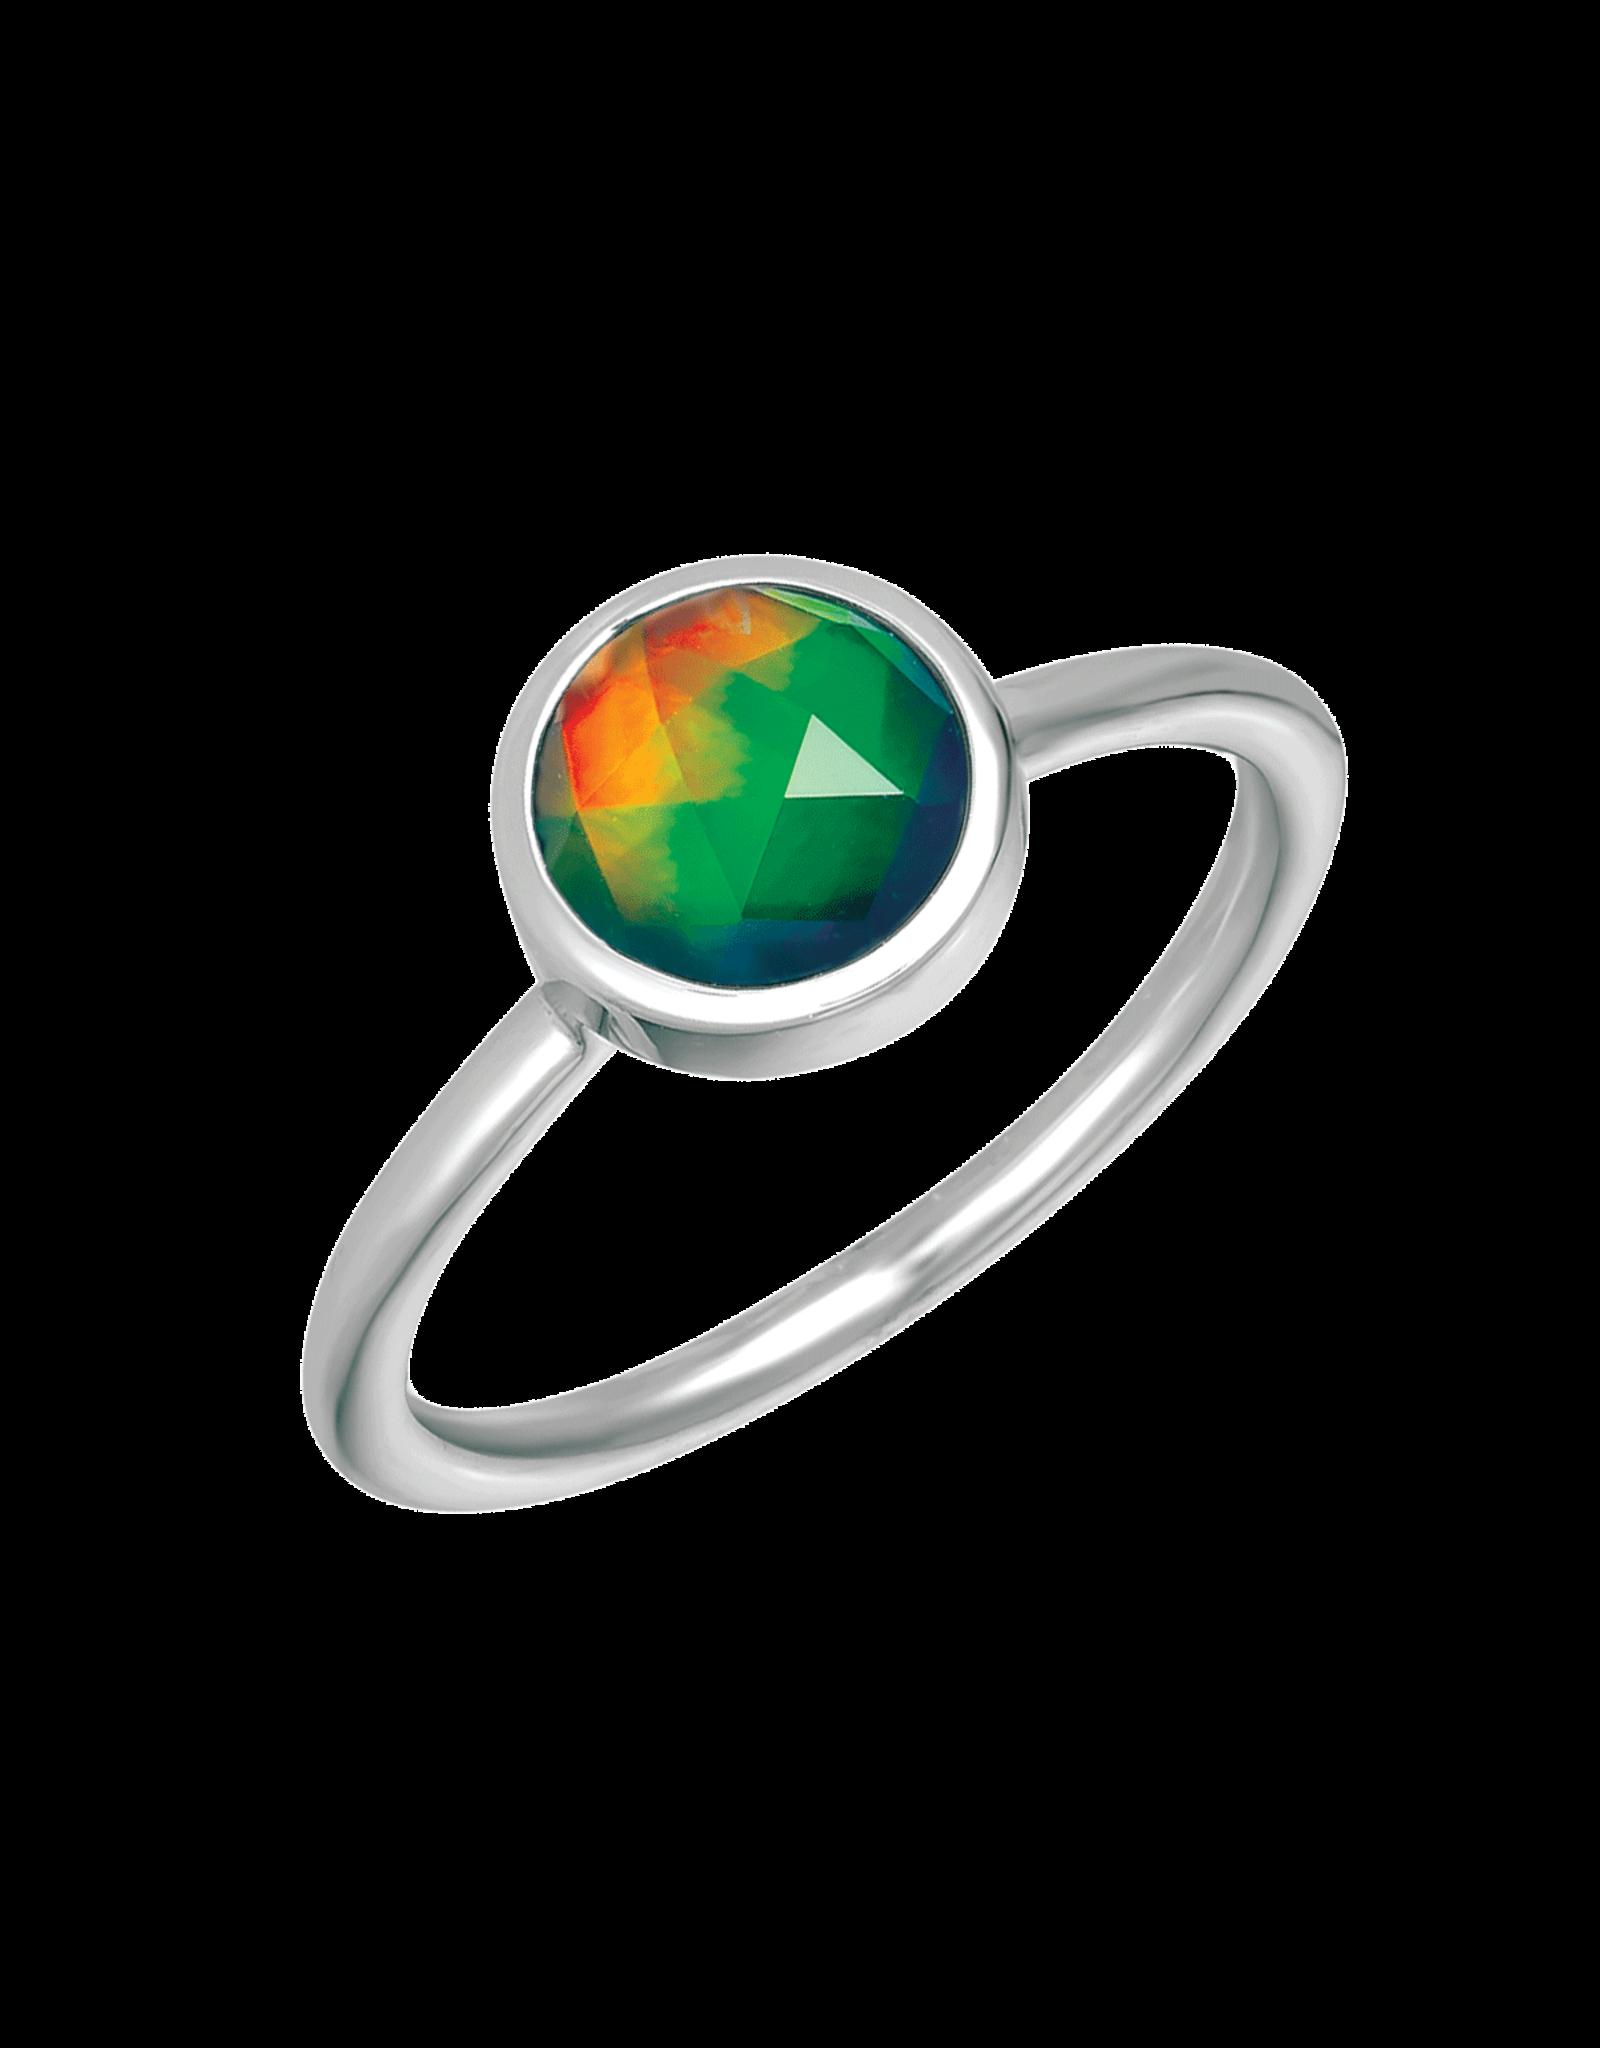 Tia Ring - SR3269F